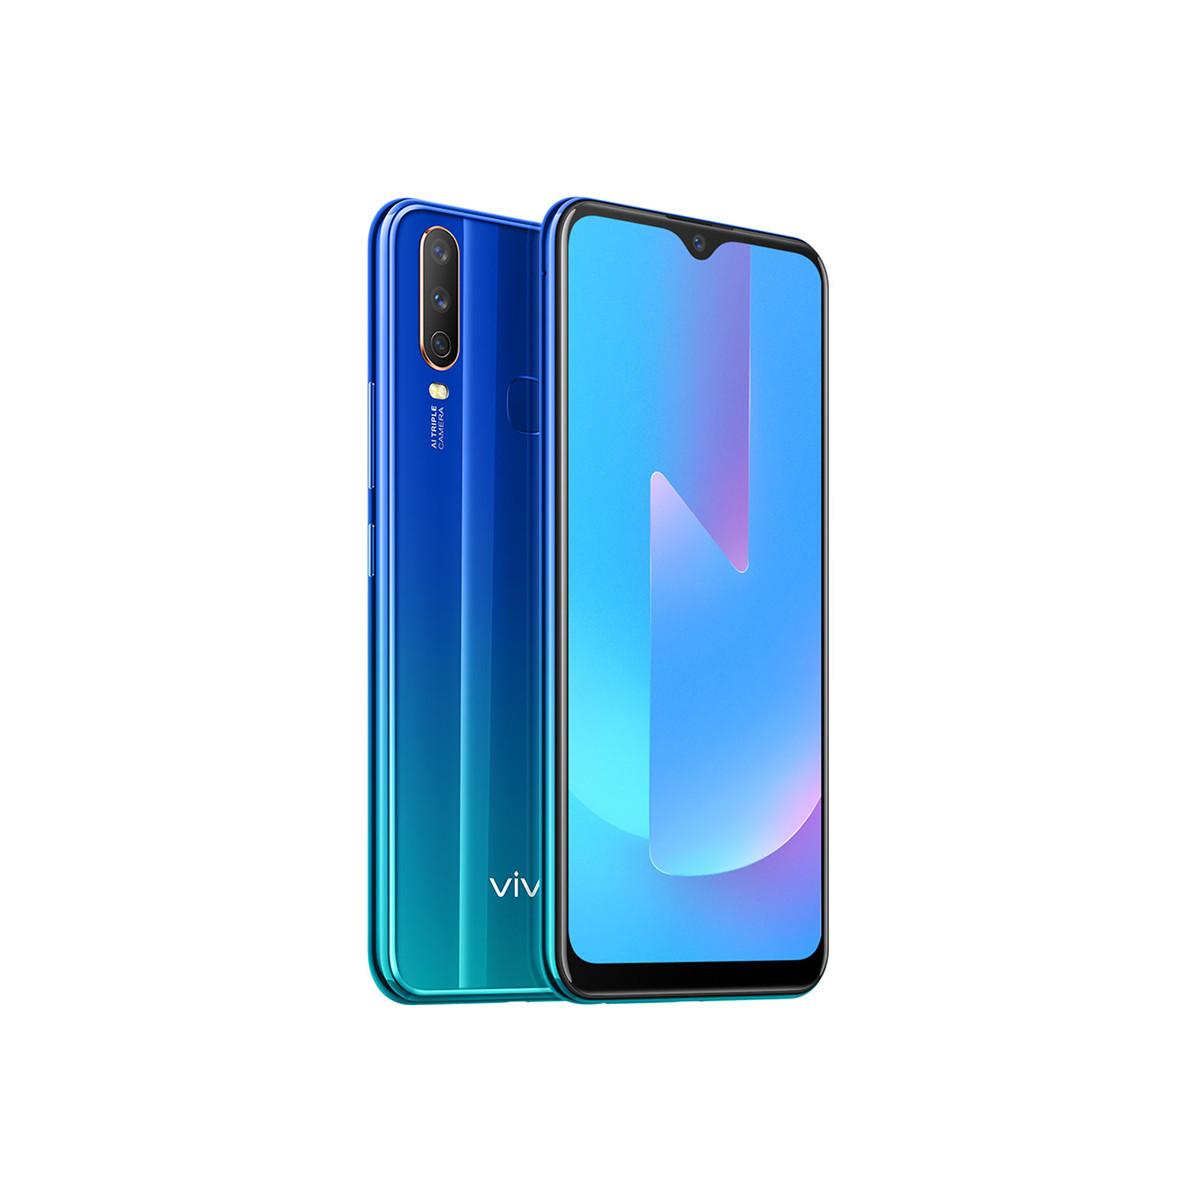 vivoU3X【爆品专享】大屏大电池三摄AI拍照闪充手机U3X(64G+4G)-深湖蓝